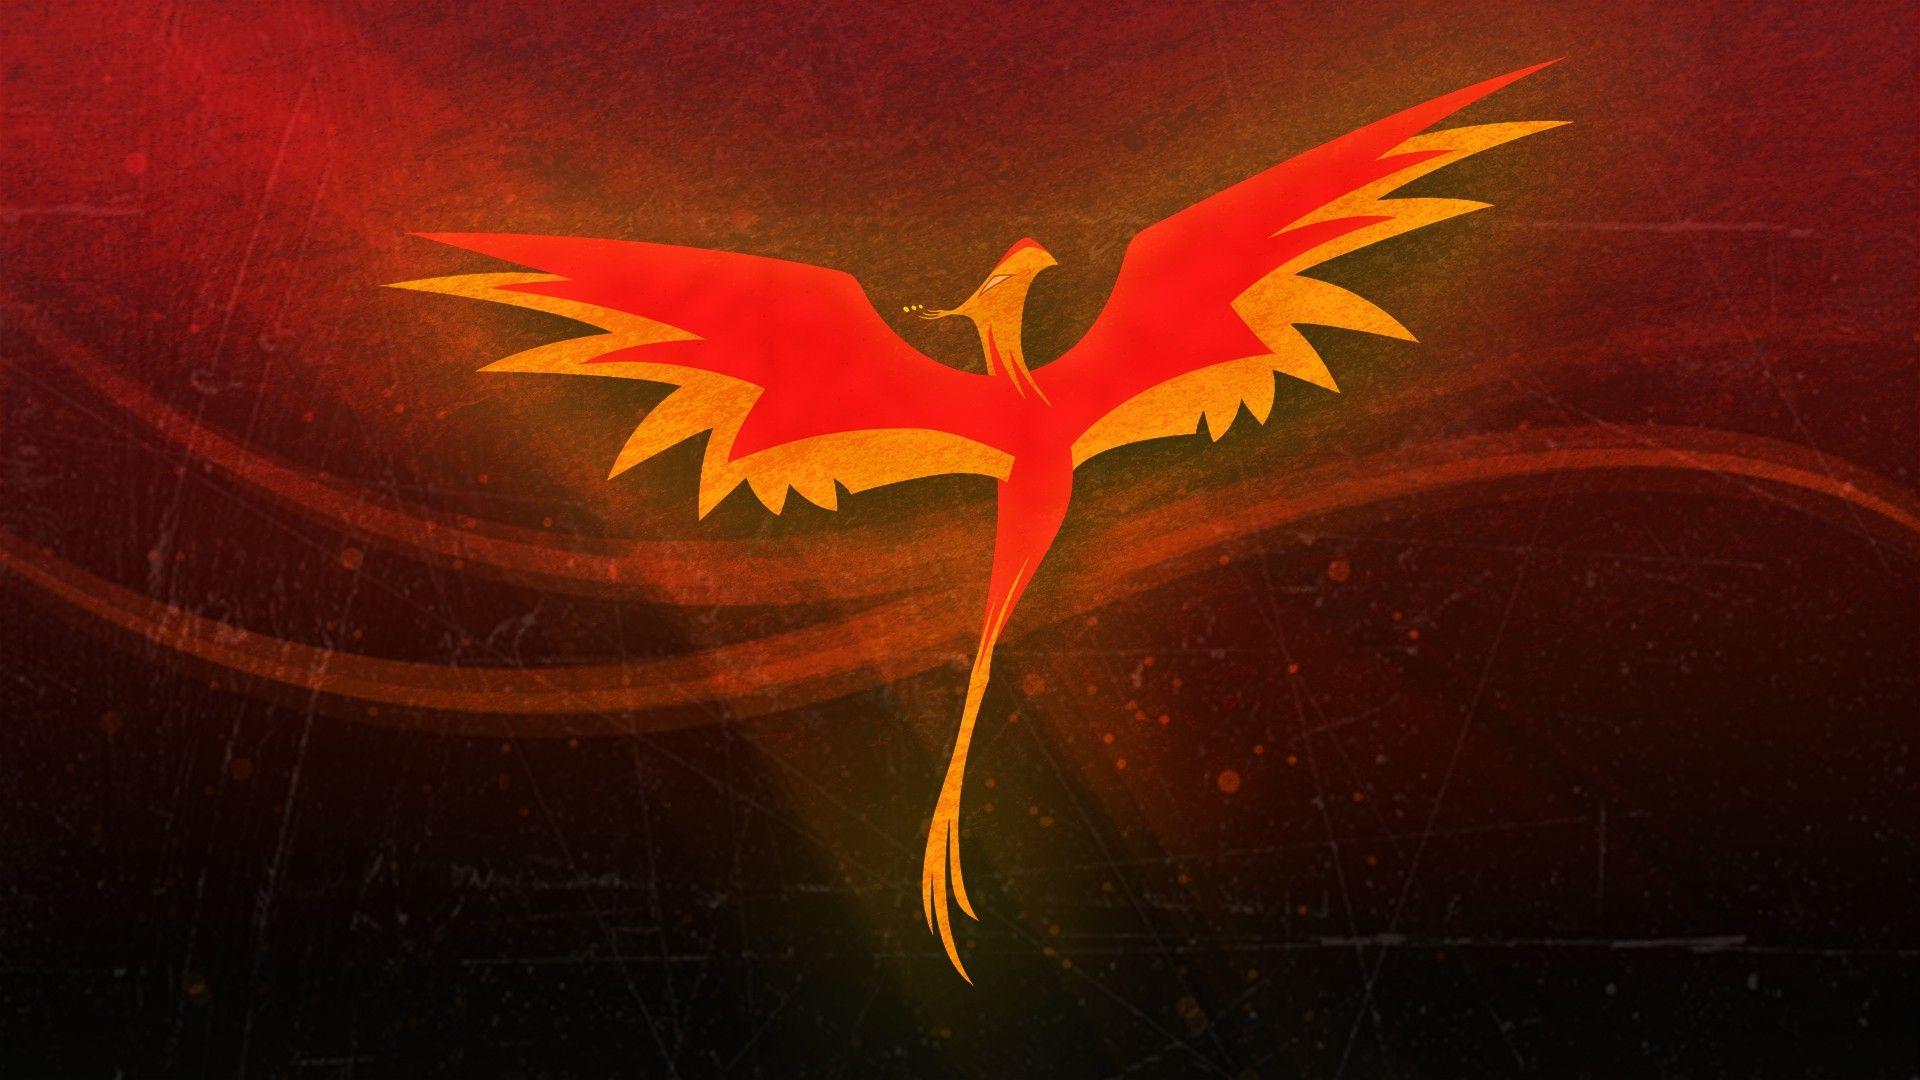 1920x1080 Phoenix My wallpaper Phoenix bird images